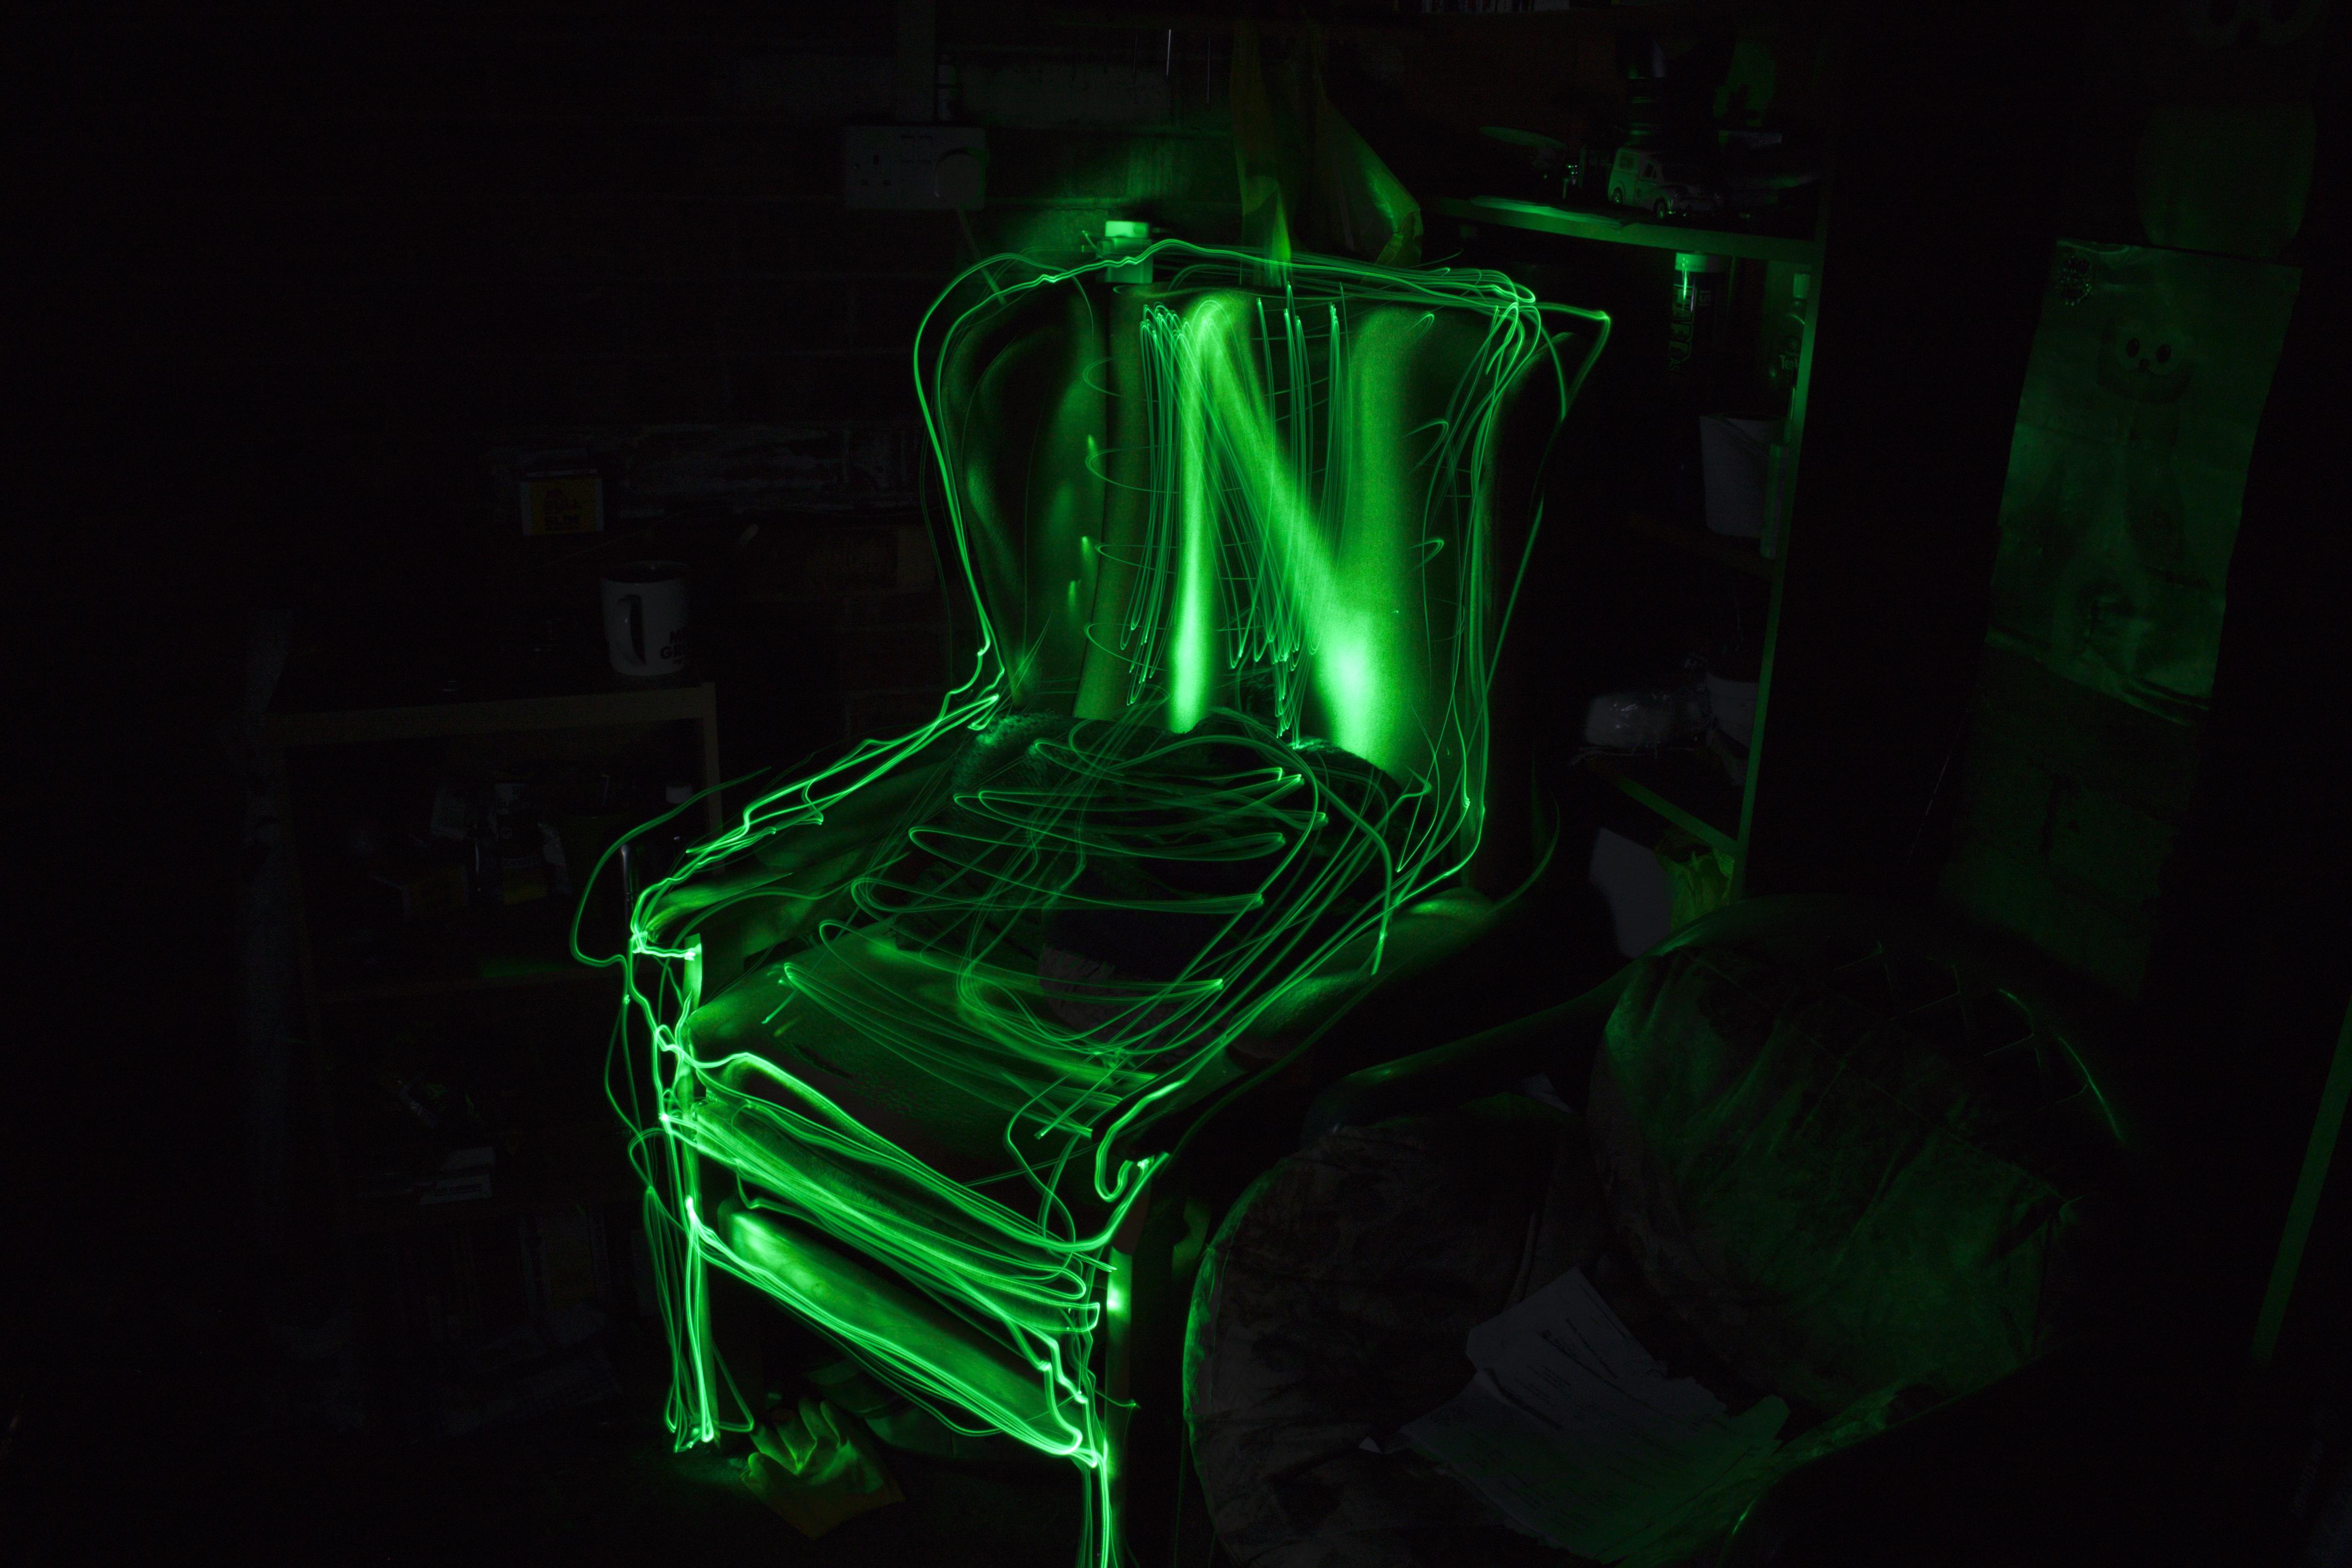 Immagini Belle Leggero Notte Verde Oscurità Illuminazione